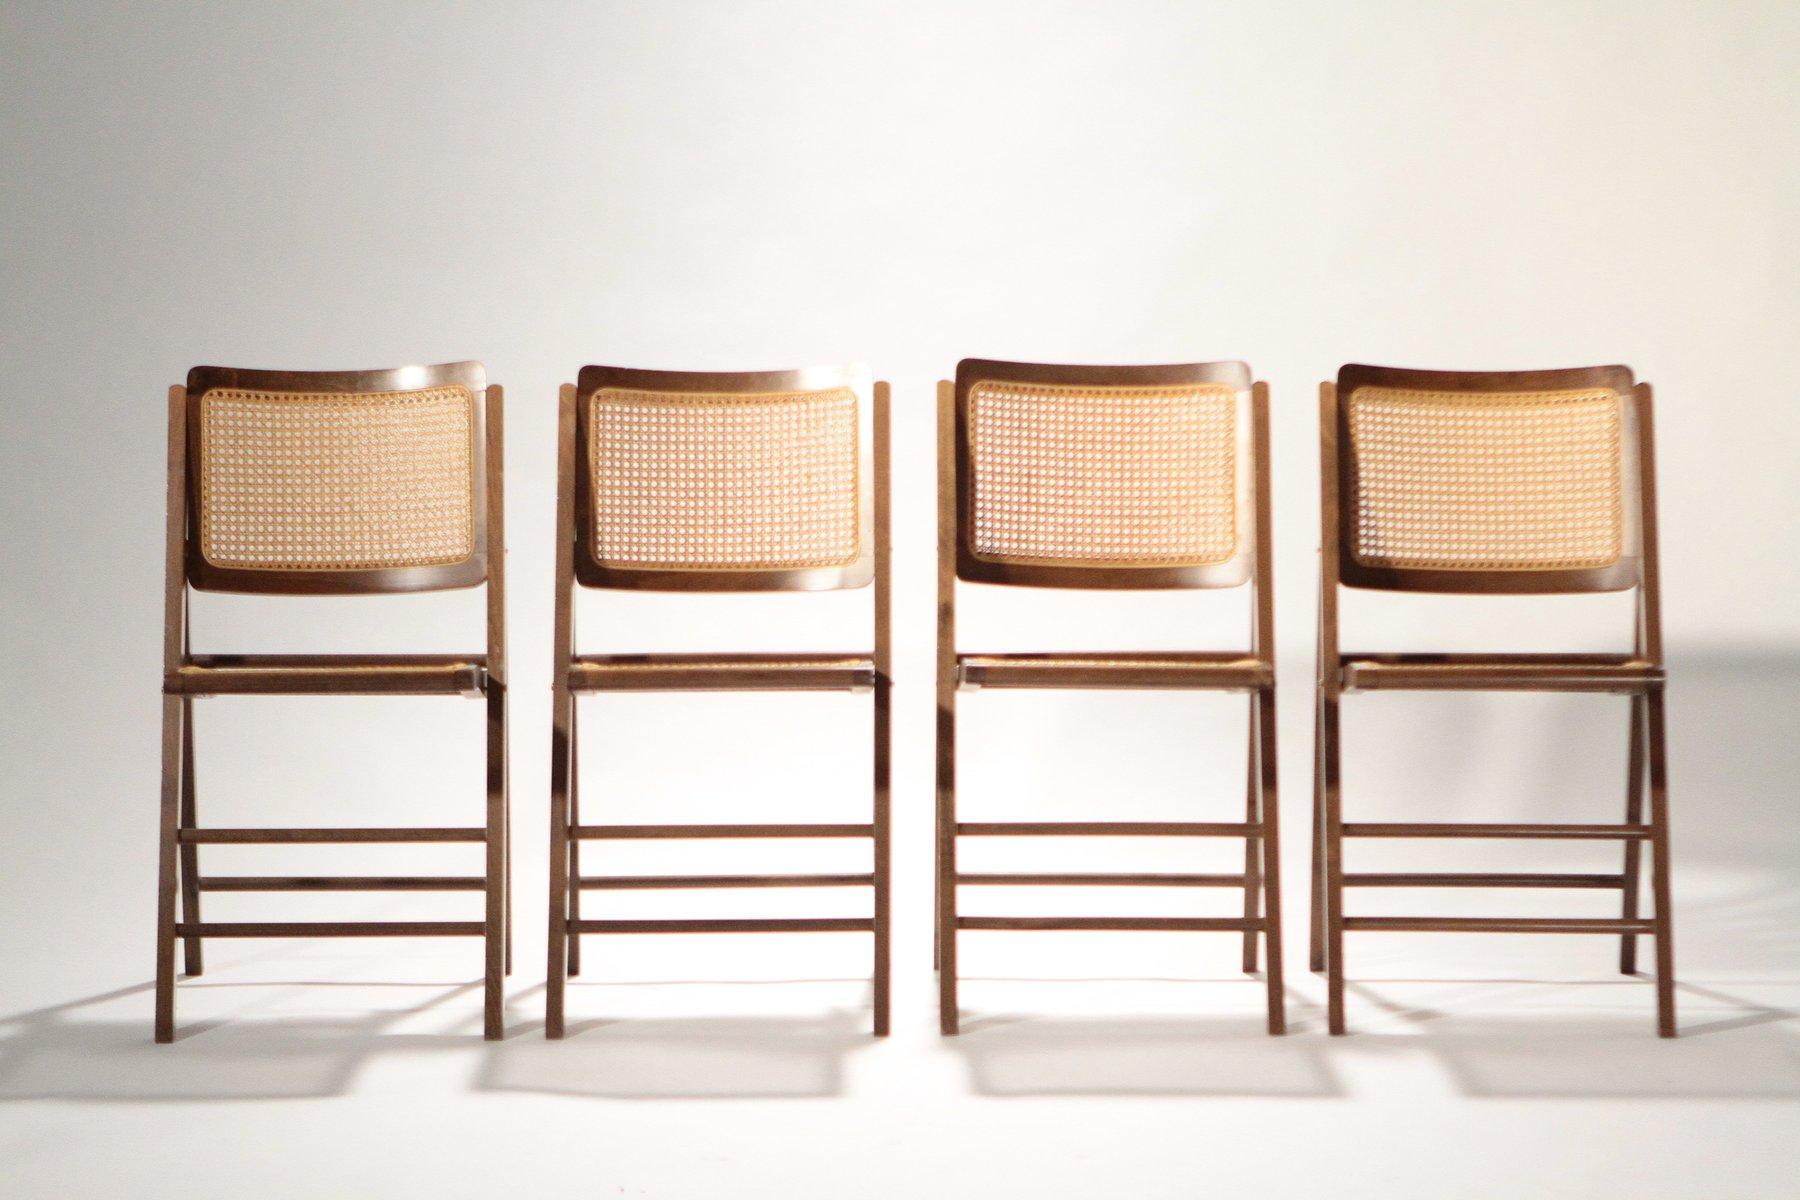 chaises pliantes en rotin 1950s set de 4 en vente sur pamono. Black Bedroom Furniture Sets. Home Design Ideas